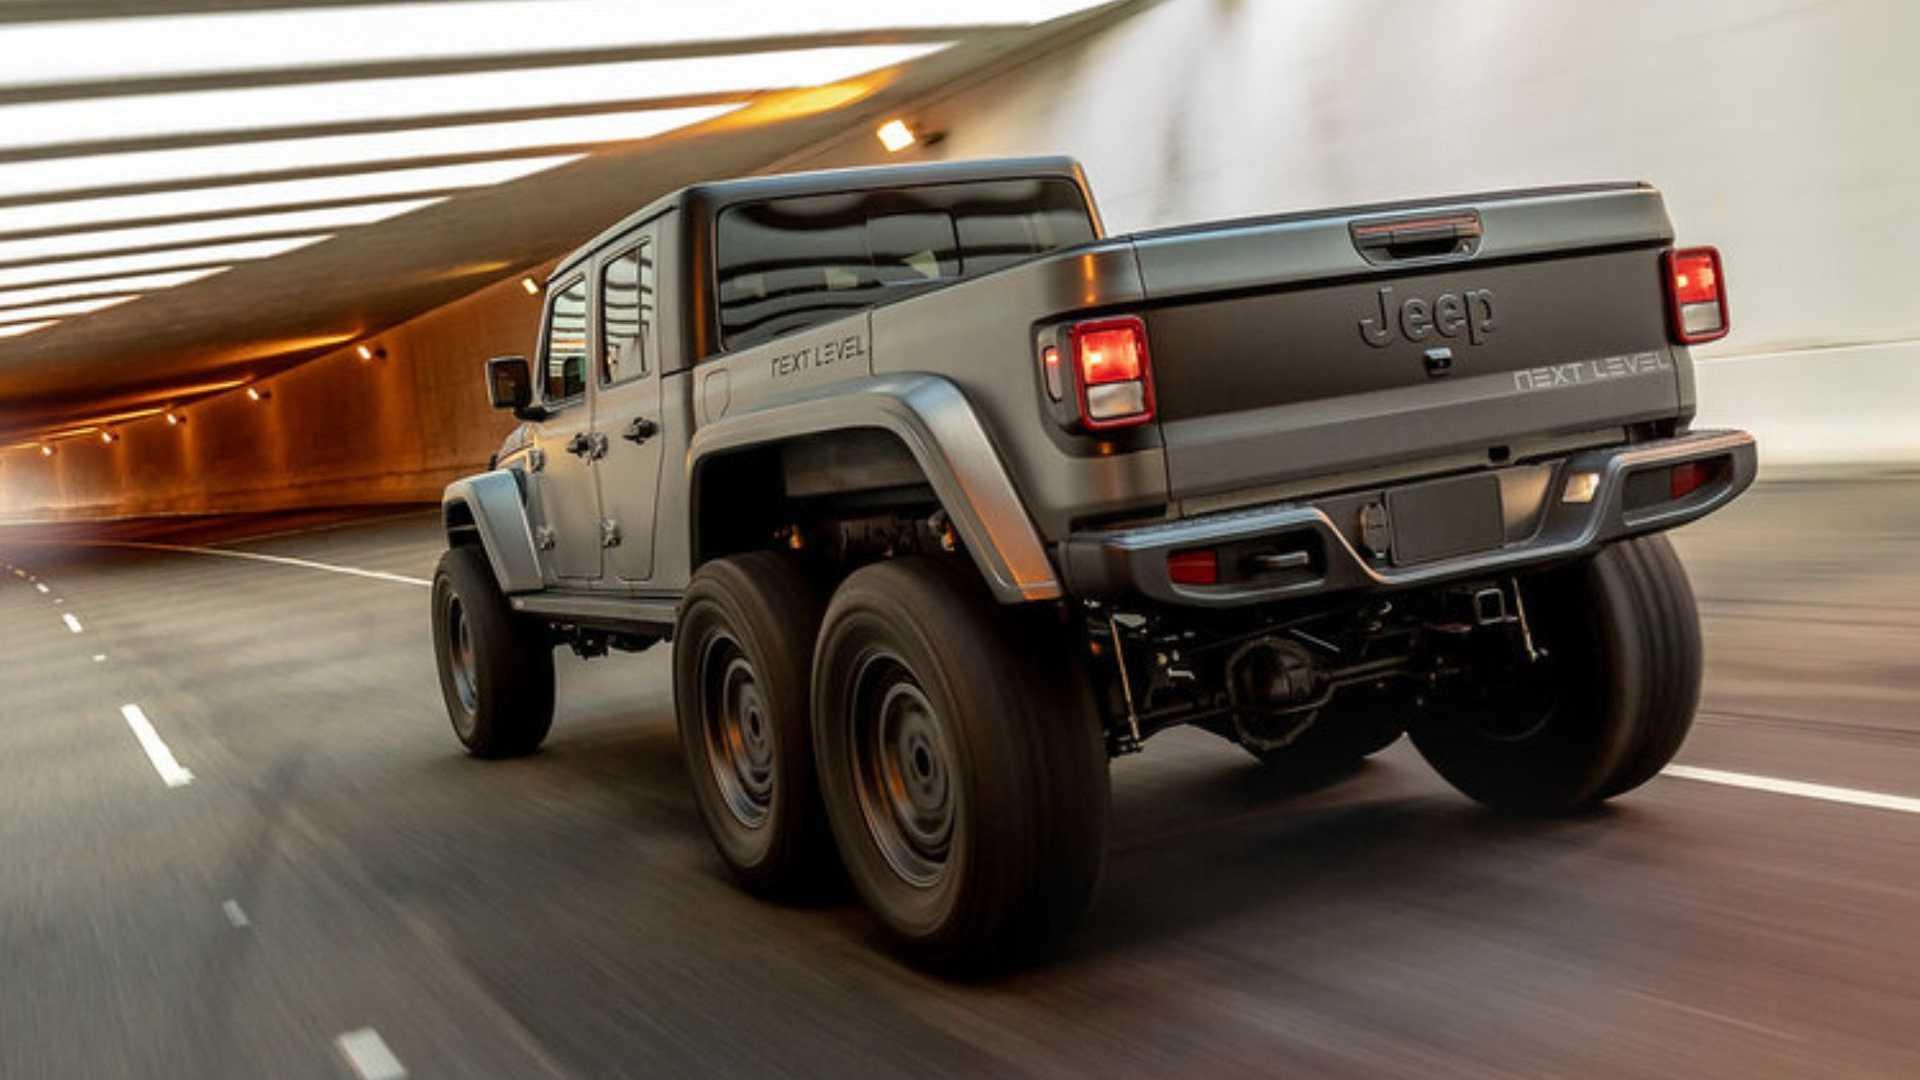 Jeep-Gladiator-6x6-by-Next-Level-5